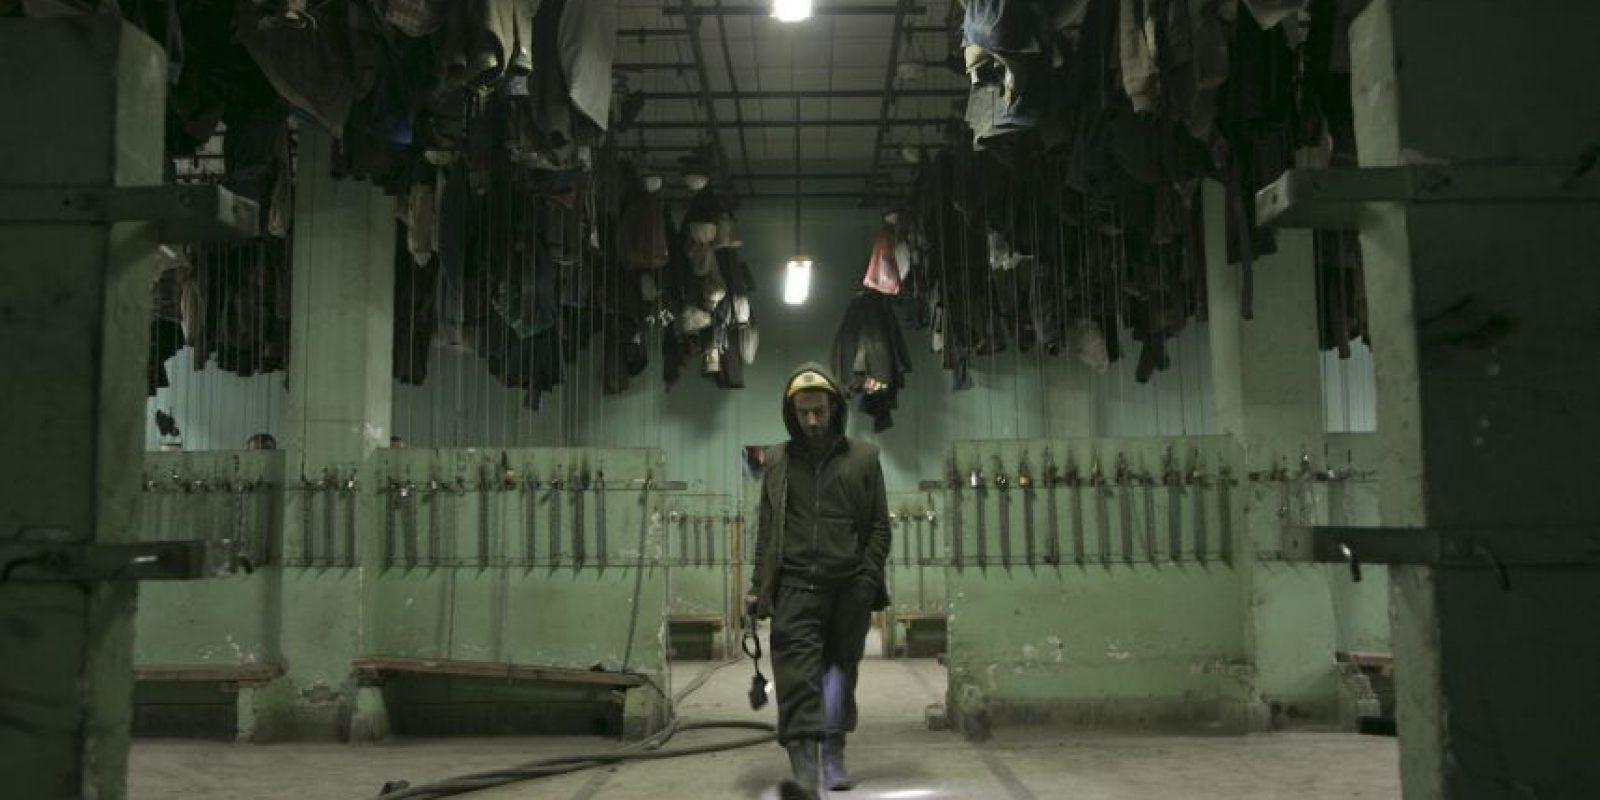 En Ucrania son cinco las regiones que cuentan con importantes yacimientos de carbón. Foto:AP